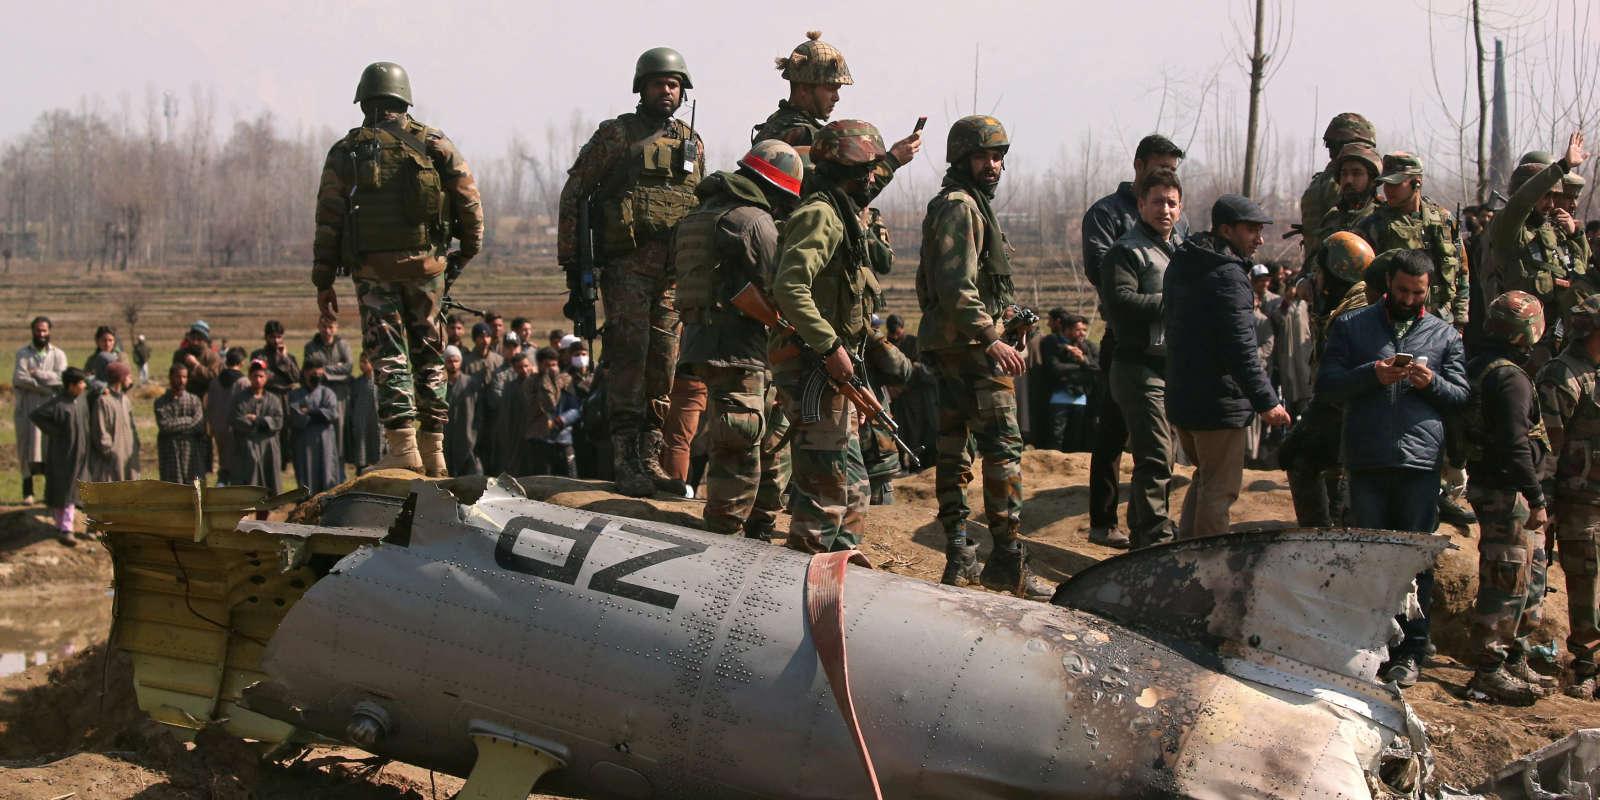 Les restes d'un avion indien, supposément abattu par le Pakistan, entourés par des soldats indiens à Budgam.